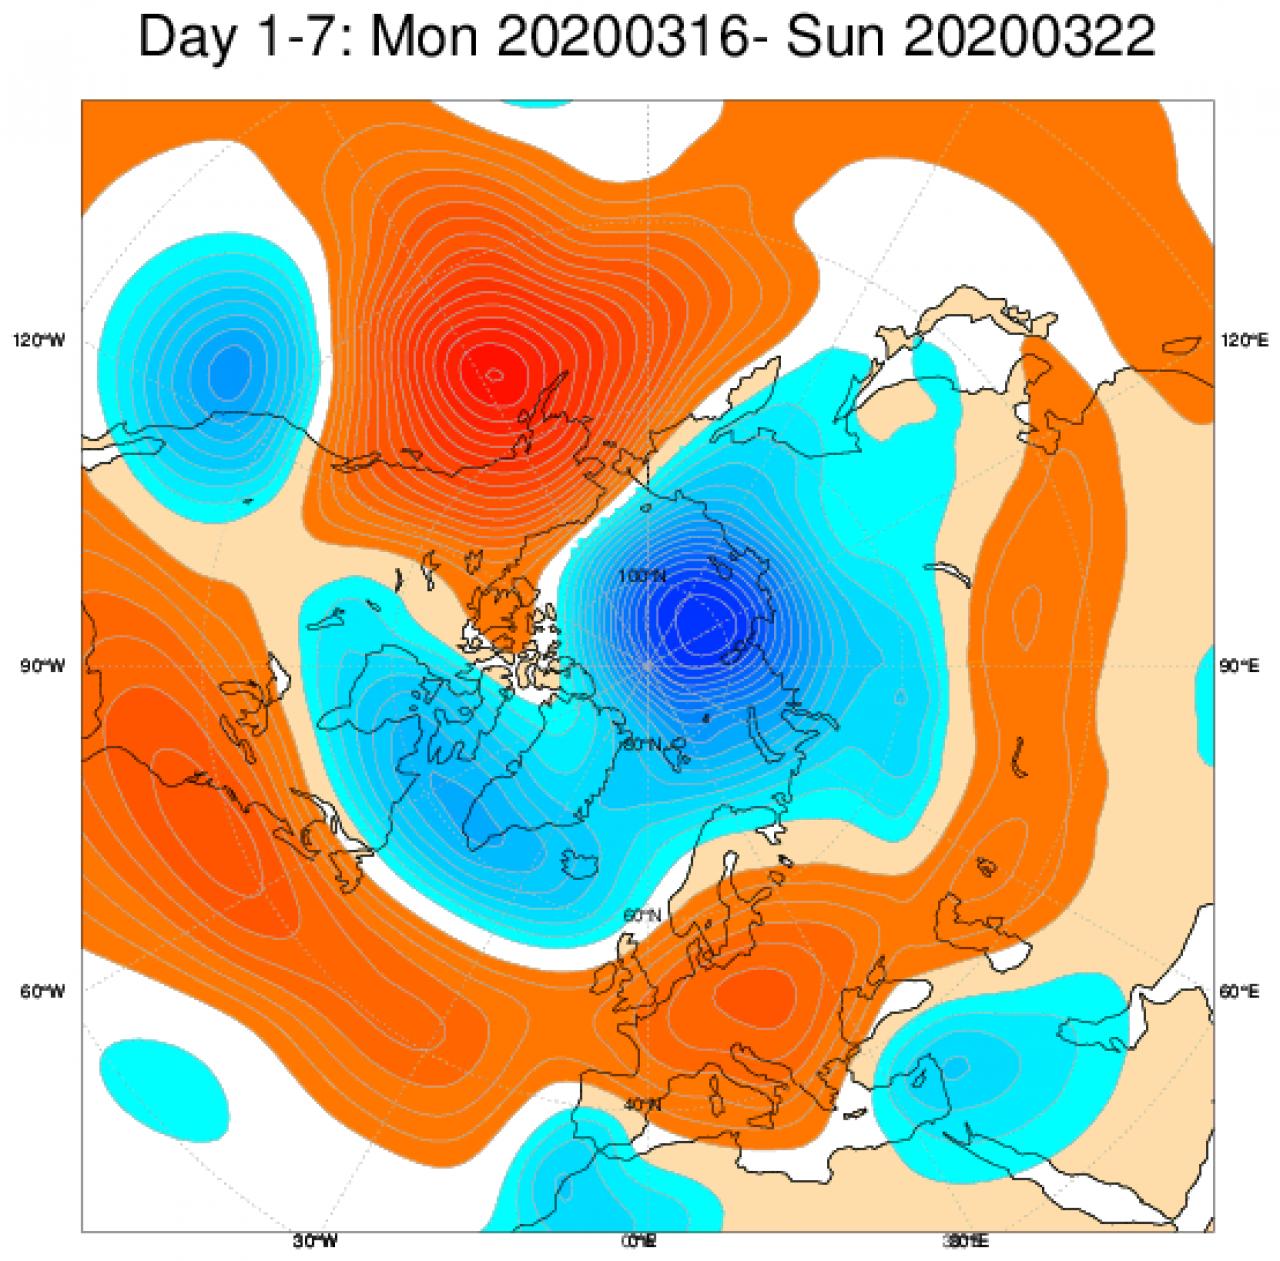 Media di ensemble del modello inglese ECMWF relativa all'anomalia di Altezza di Geopotenziale a 500 hPa (circa 5.500 metri) per il periodo 16-22 marzo 2020